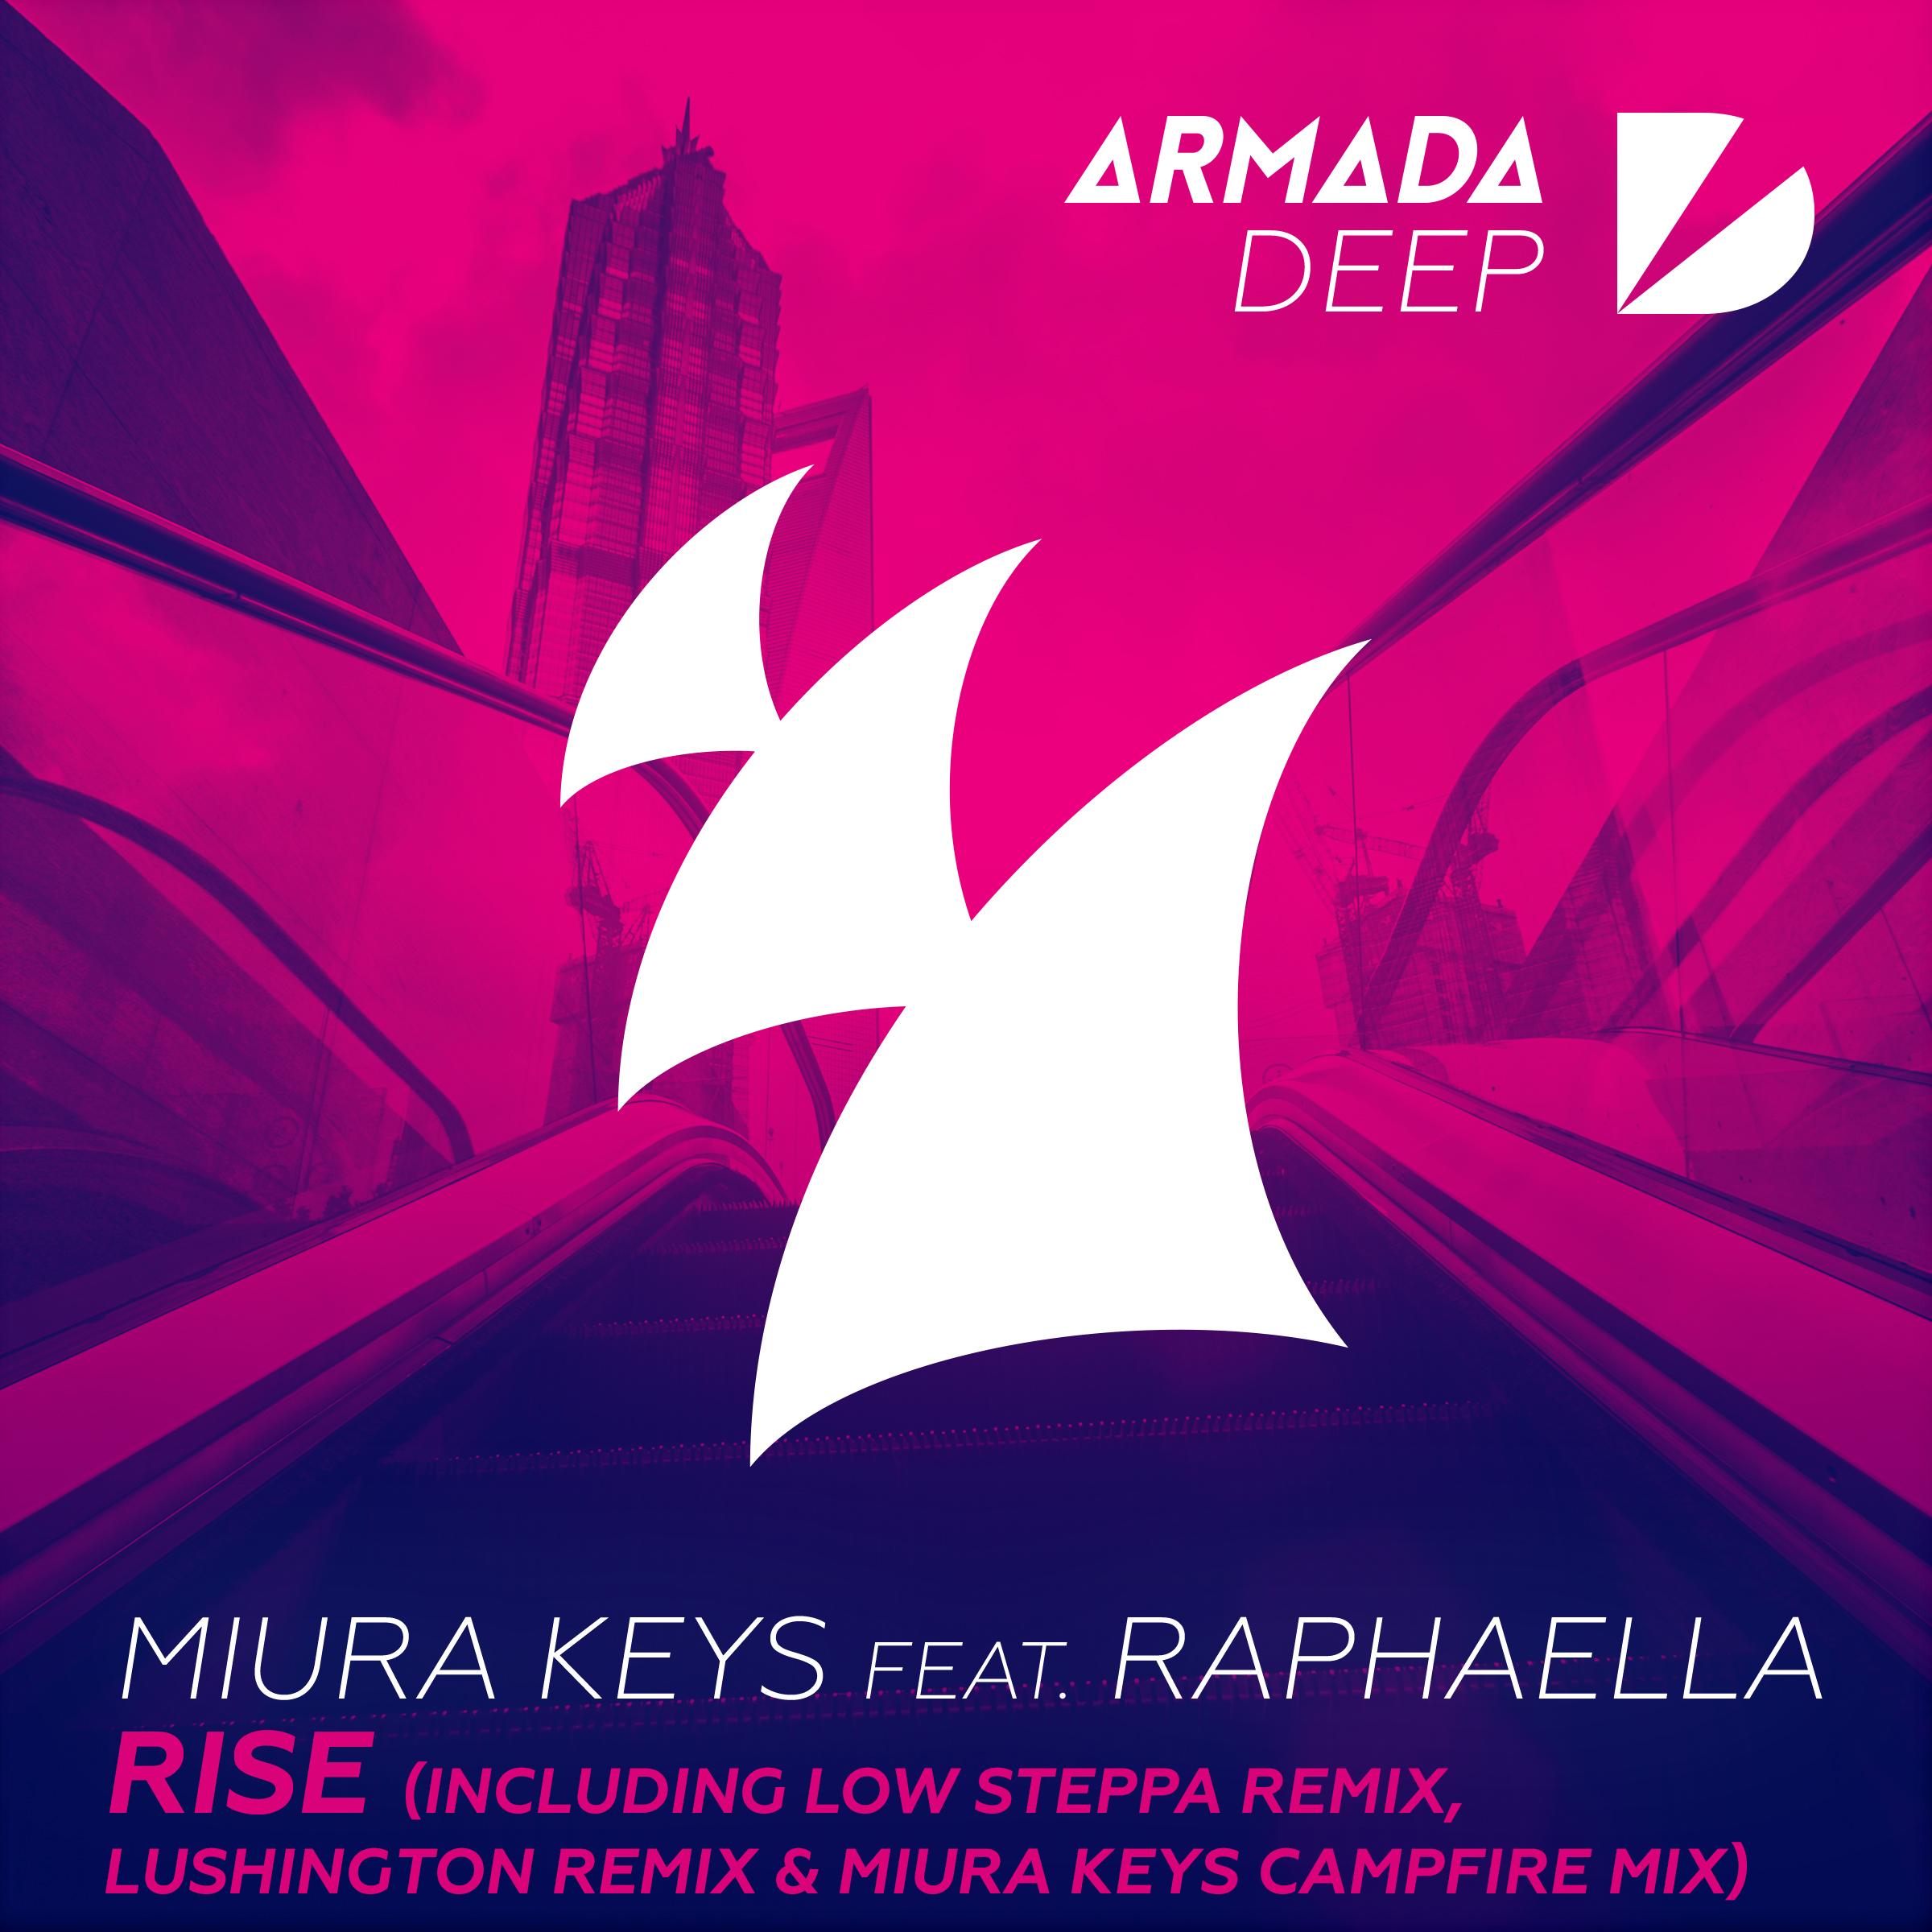 Miura Keys remixes